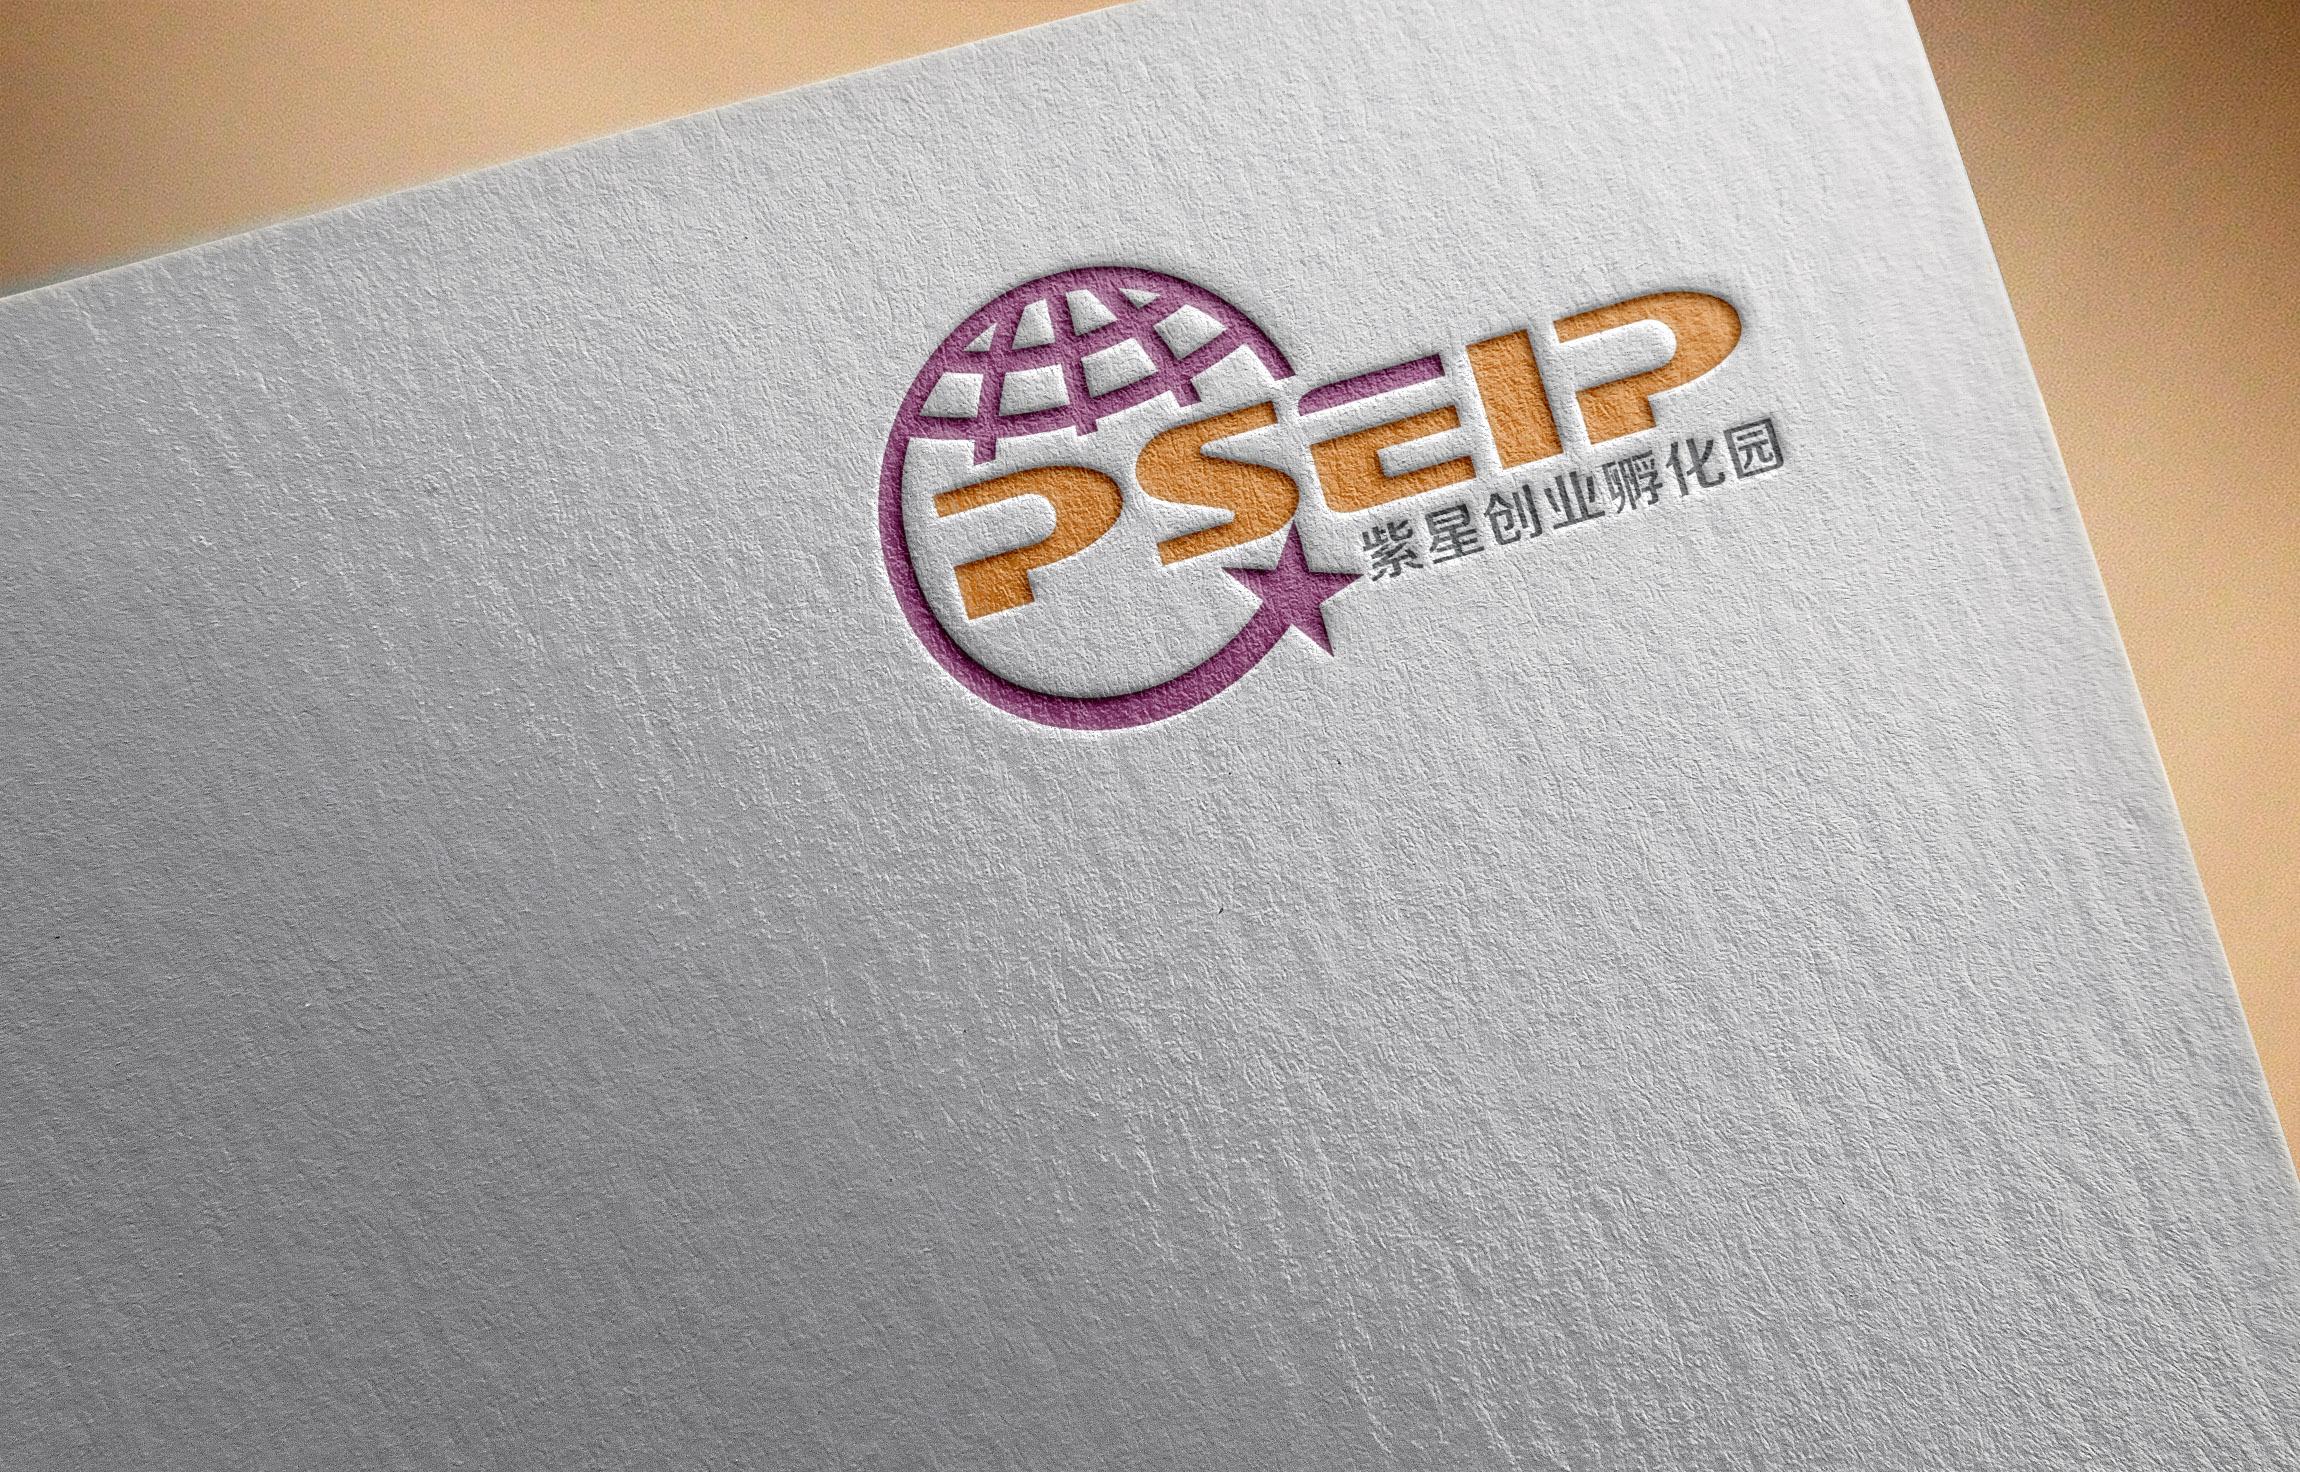 紫星创业孵化园logo设计_2955990_k68威客网